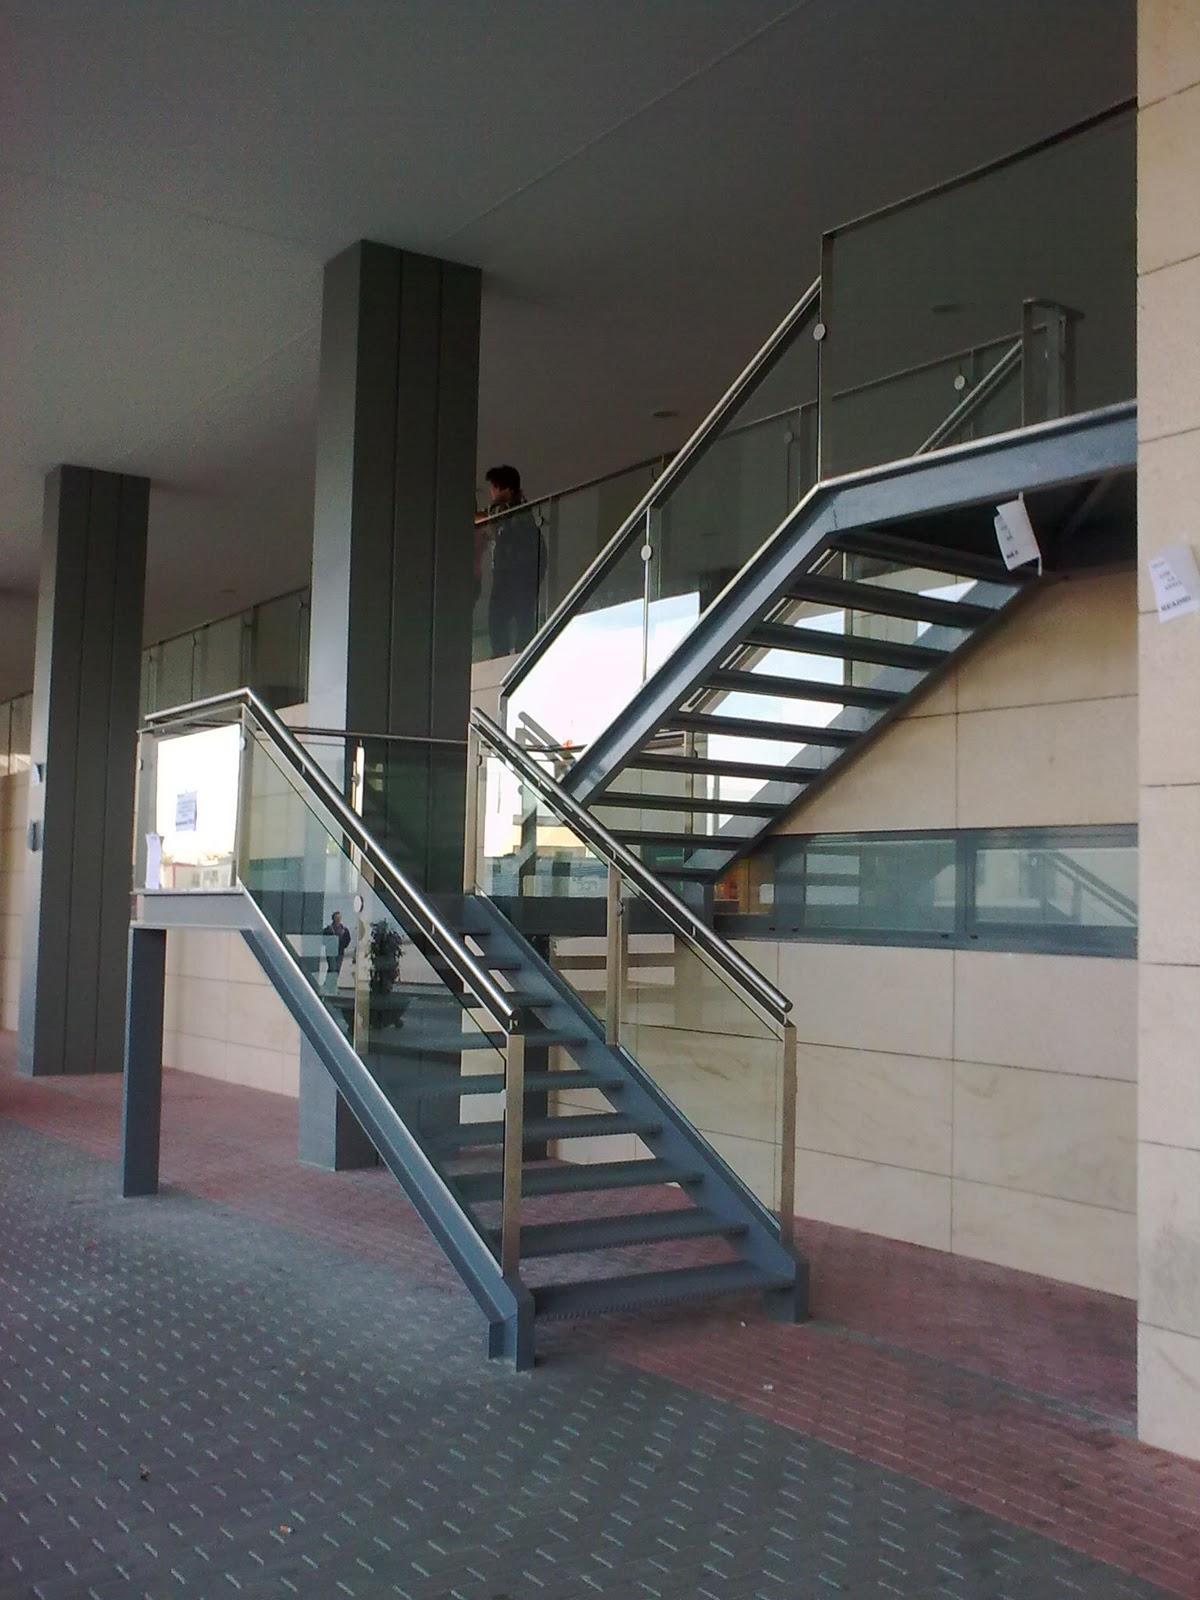 Metalonso trabajos realizados en hospital materno infantil virgen de la arrixaca en murcia - Escalera dos tramos ...